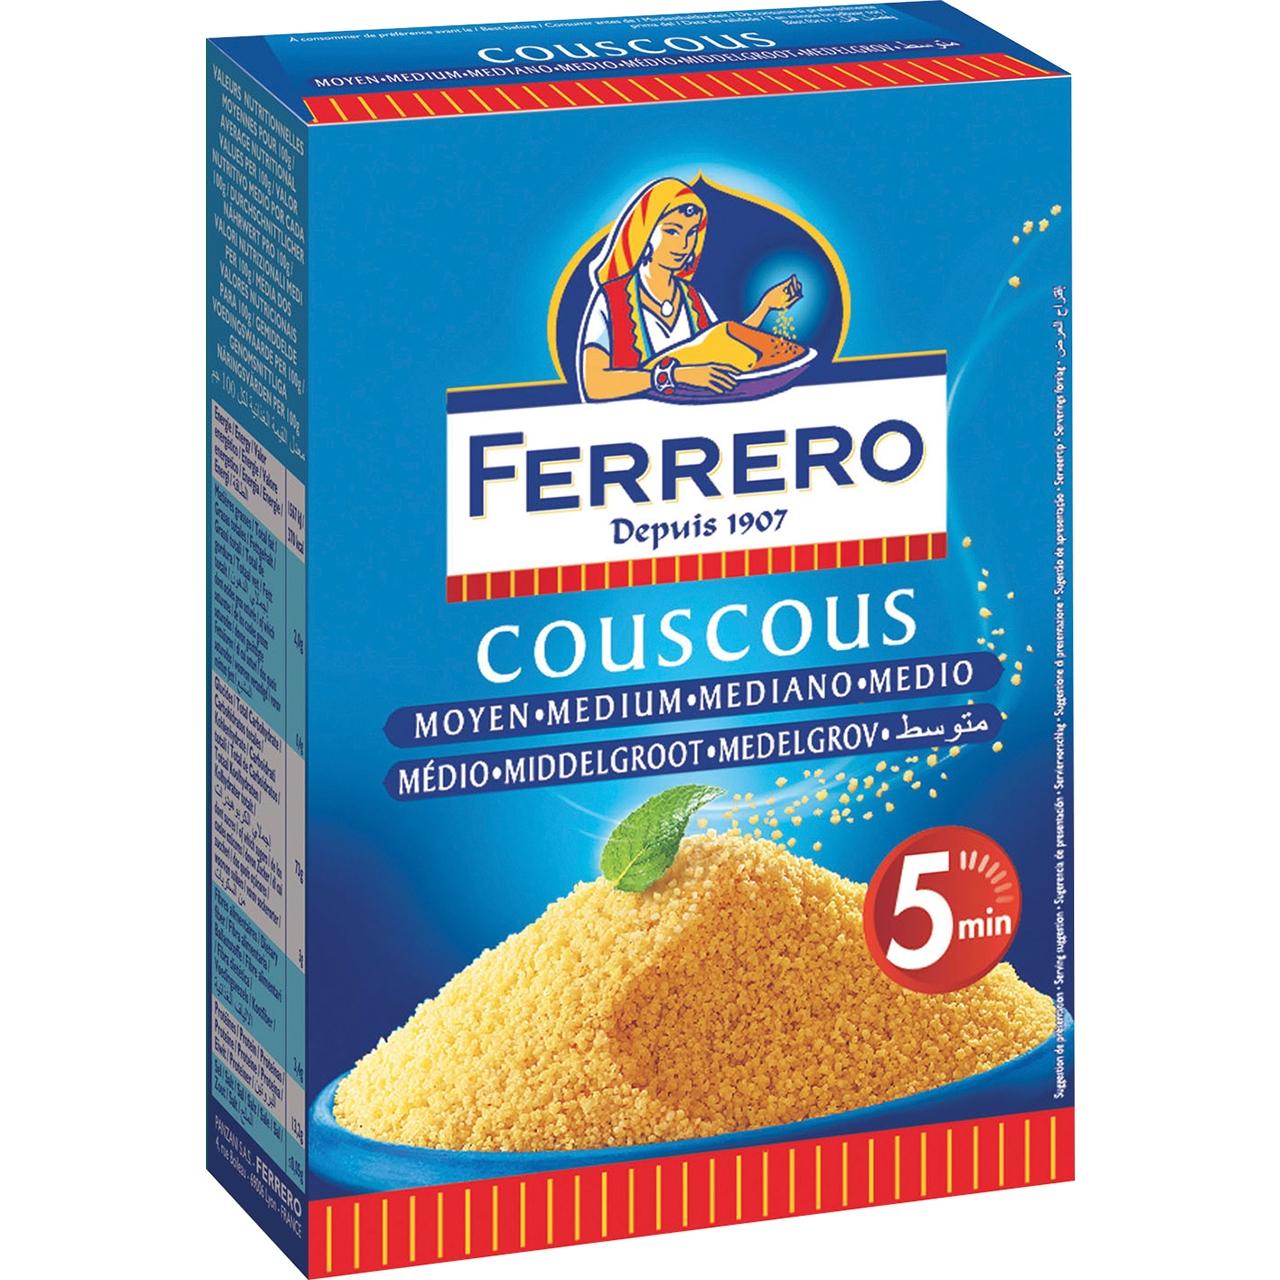 Cous Cous 500gr. Ferrero